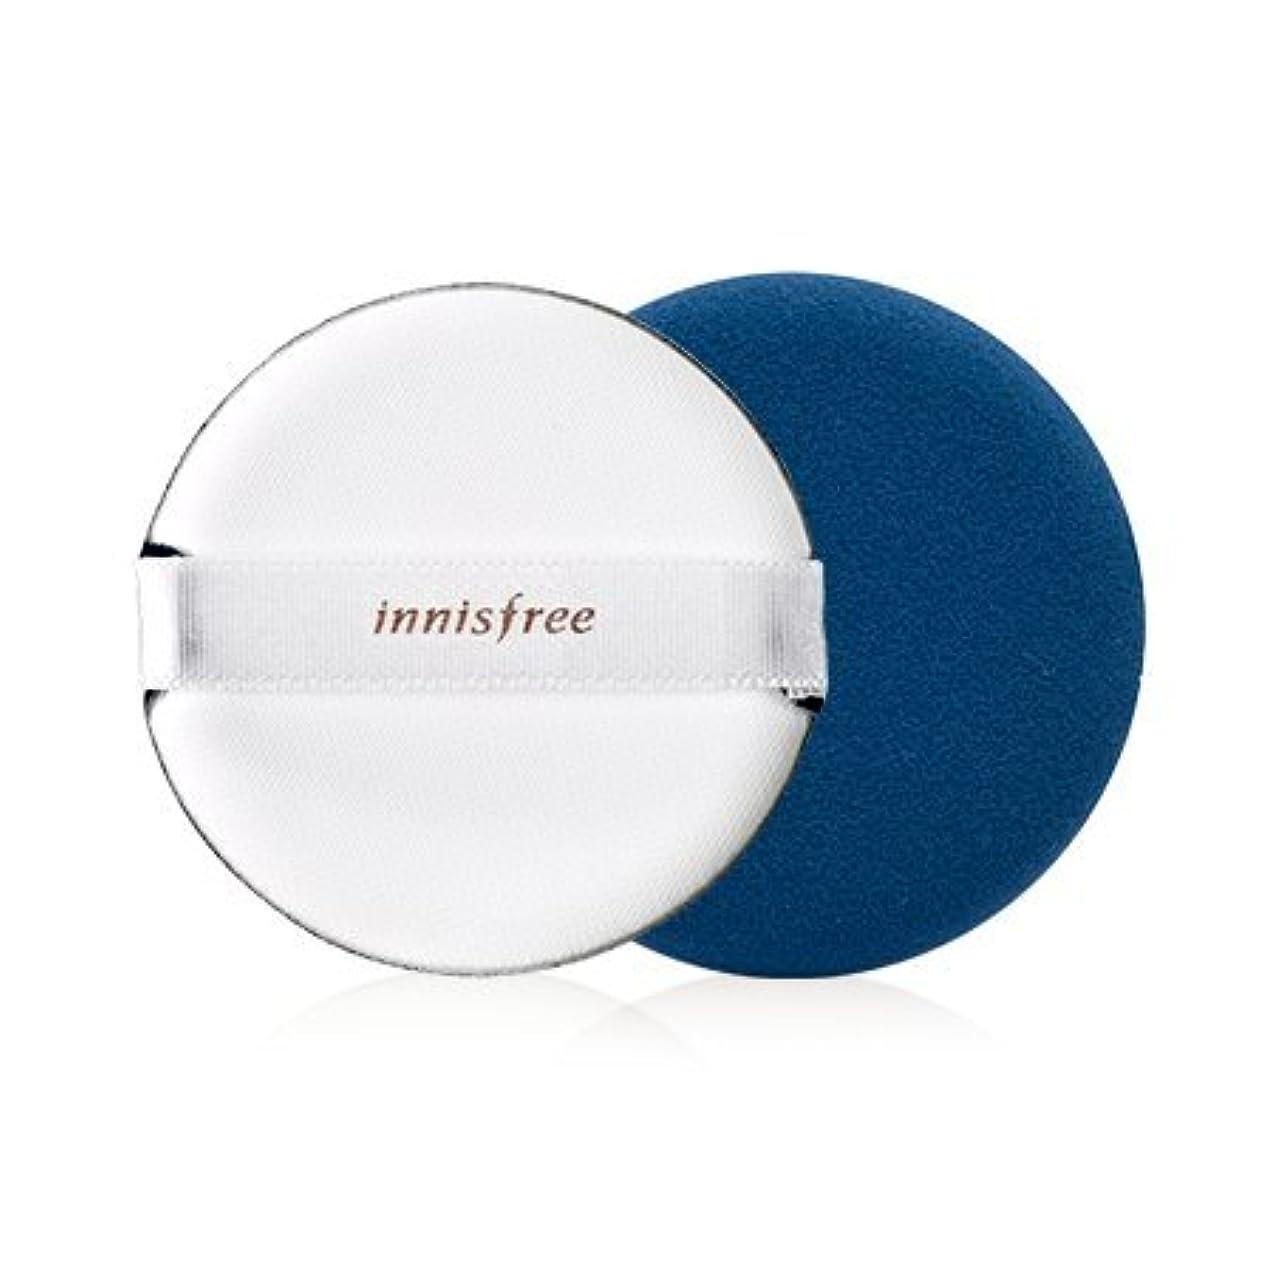 怒り名門摂氏【イニスフリー】Innisfree beauty tool air magic puff glow x10 (韓国直送品) (SHOPPINGINSTAGRAM)